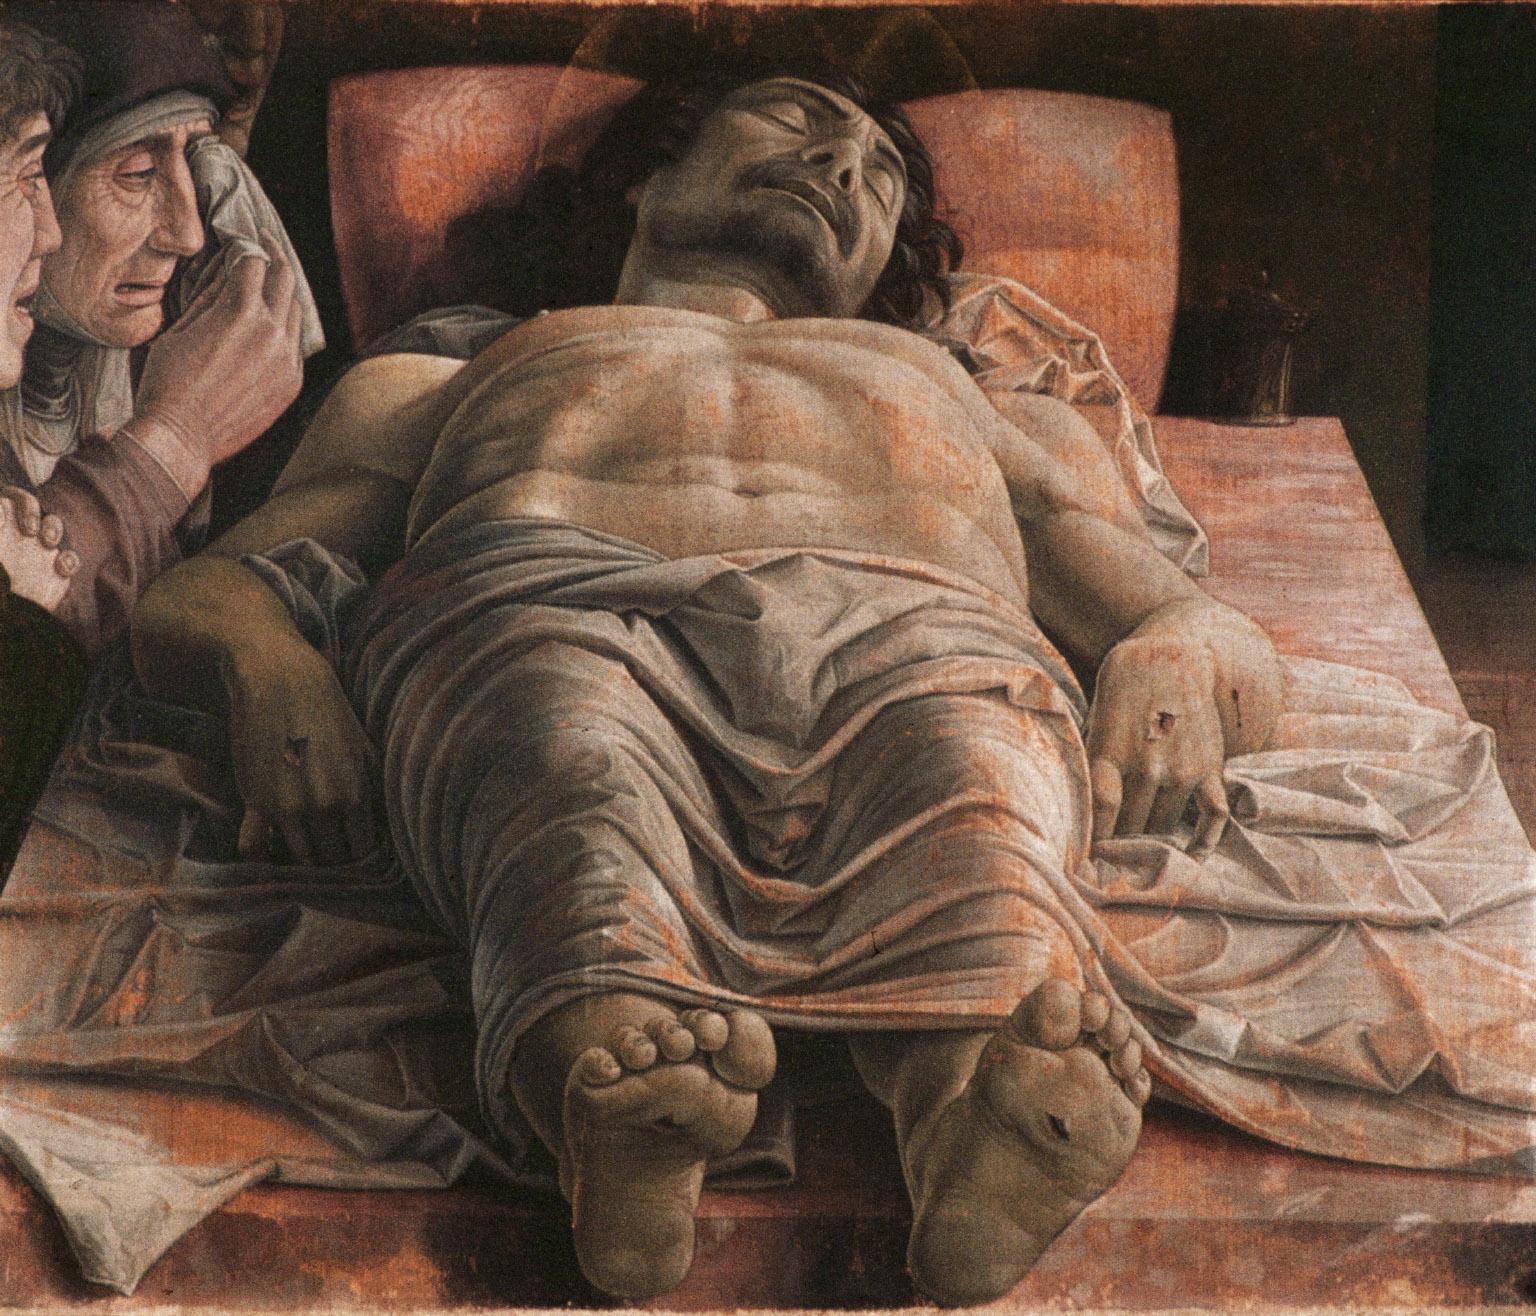 http://3.bp.blogspot.com/-rHdFyqb_xFc/TalaSivJN5I/AAAAAAAAG9w/xXifvaJlLyU/s1600/Andrea_Mantegna_-_The_Dead_Christ.jpg